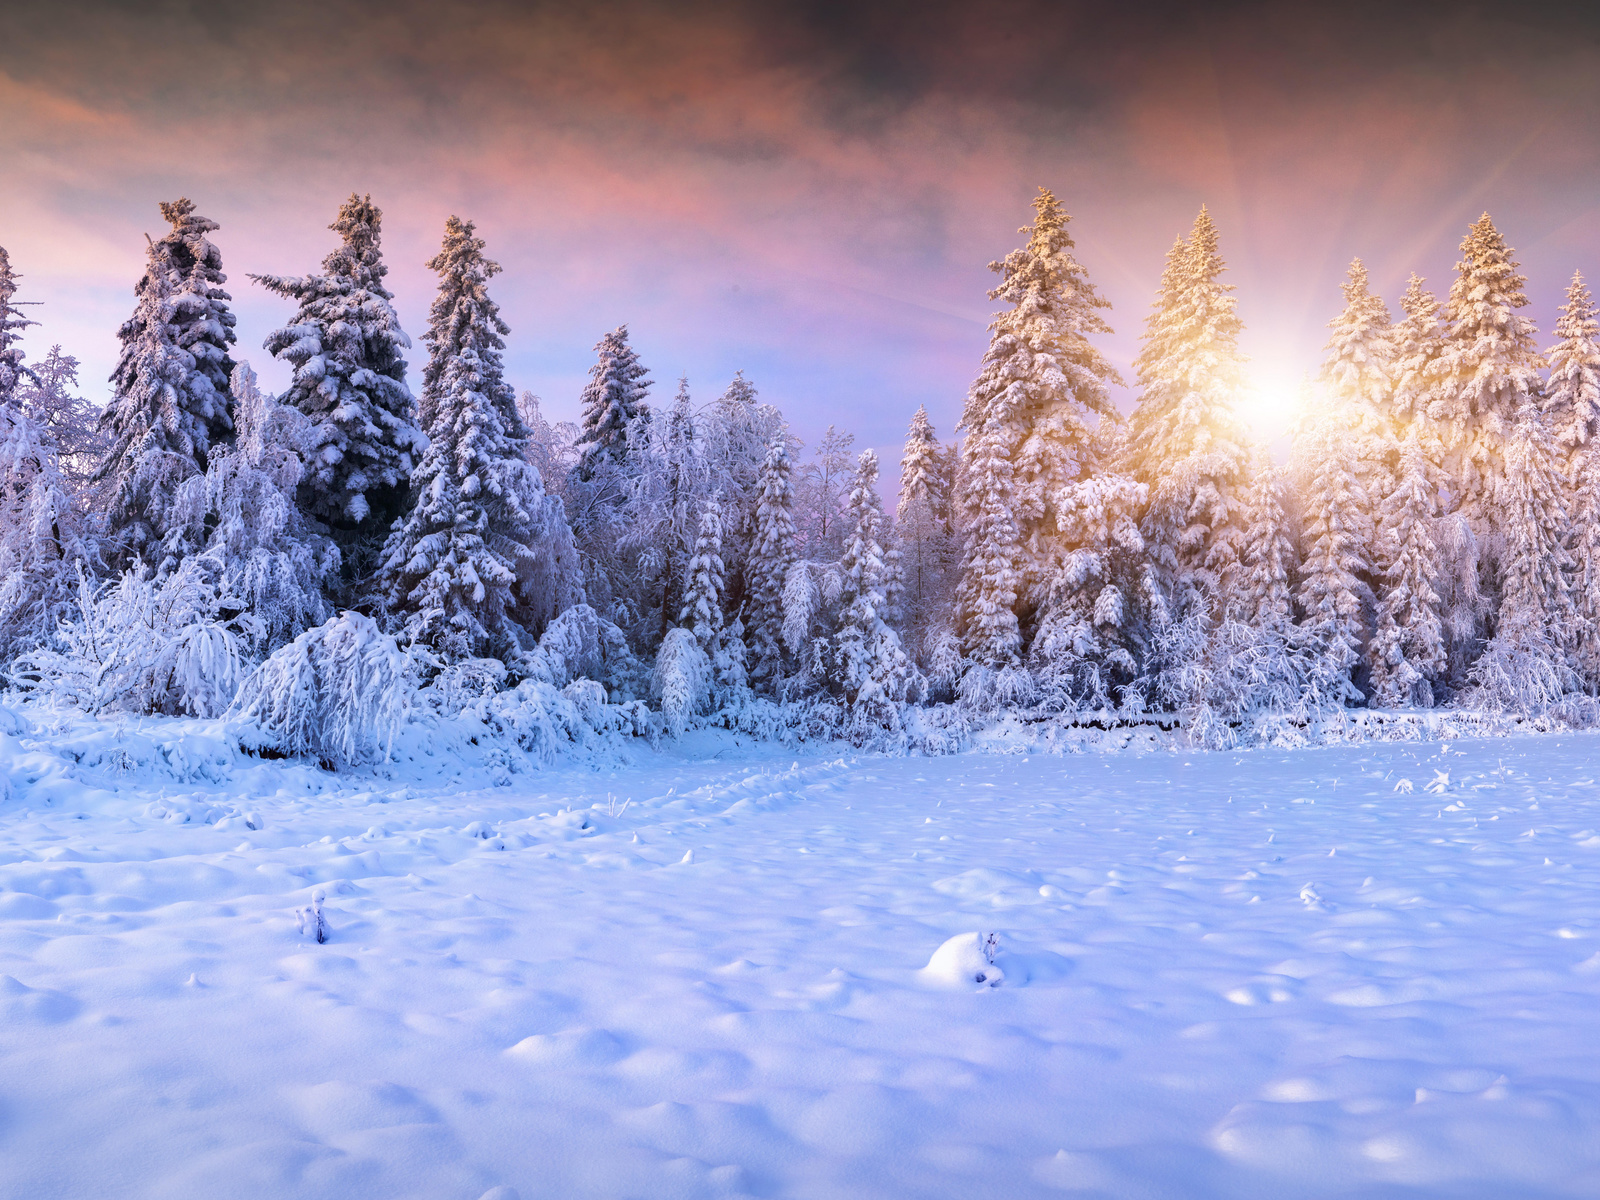 зима, снег, лес, сугробы